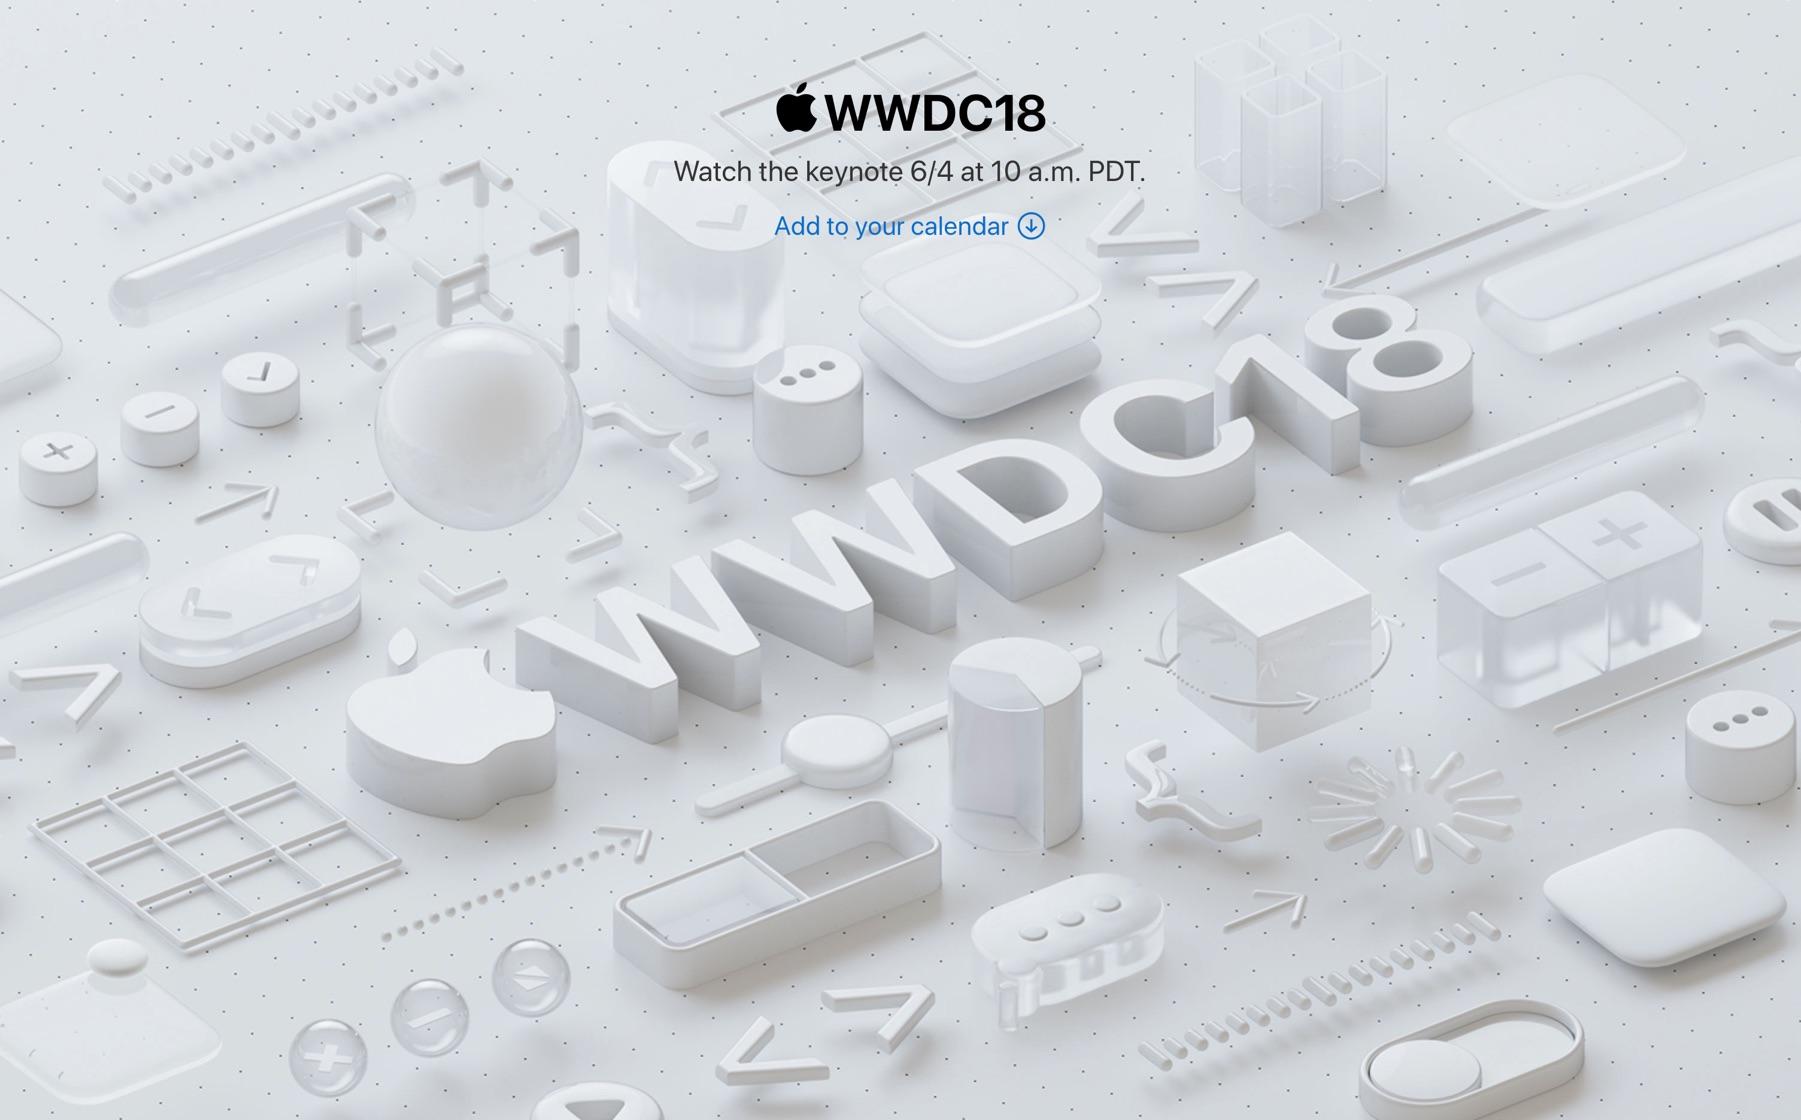 まもなくWWDC 2018開幕、個人的に期待したいポイントまとめ